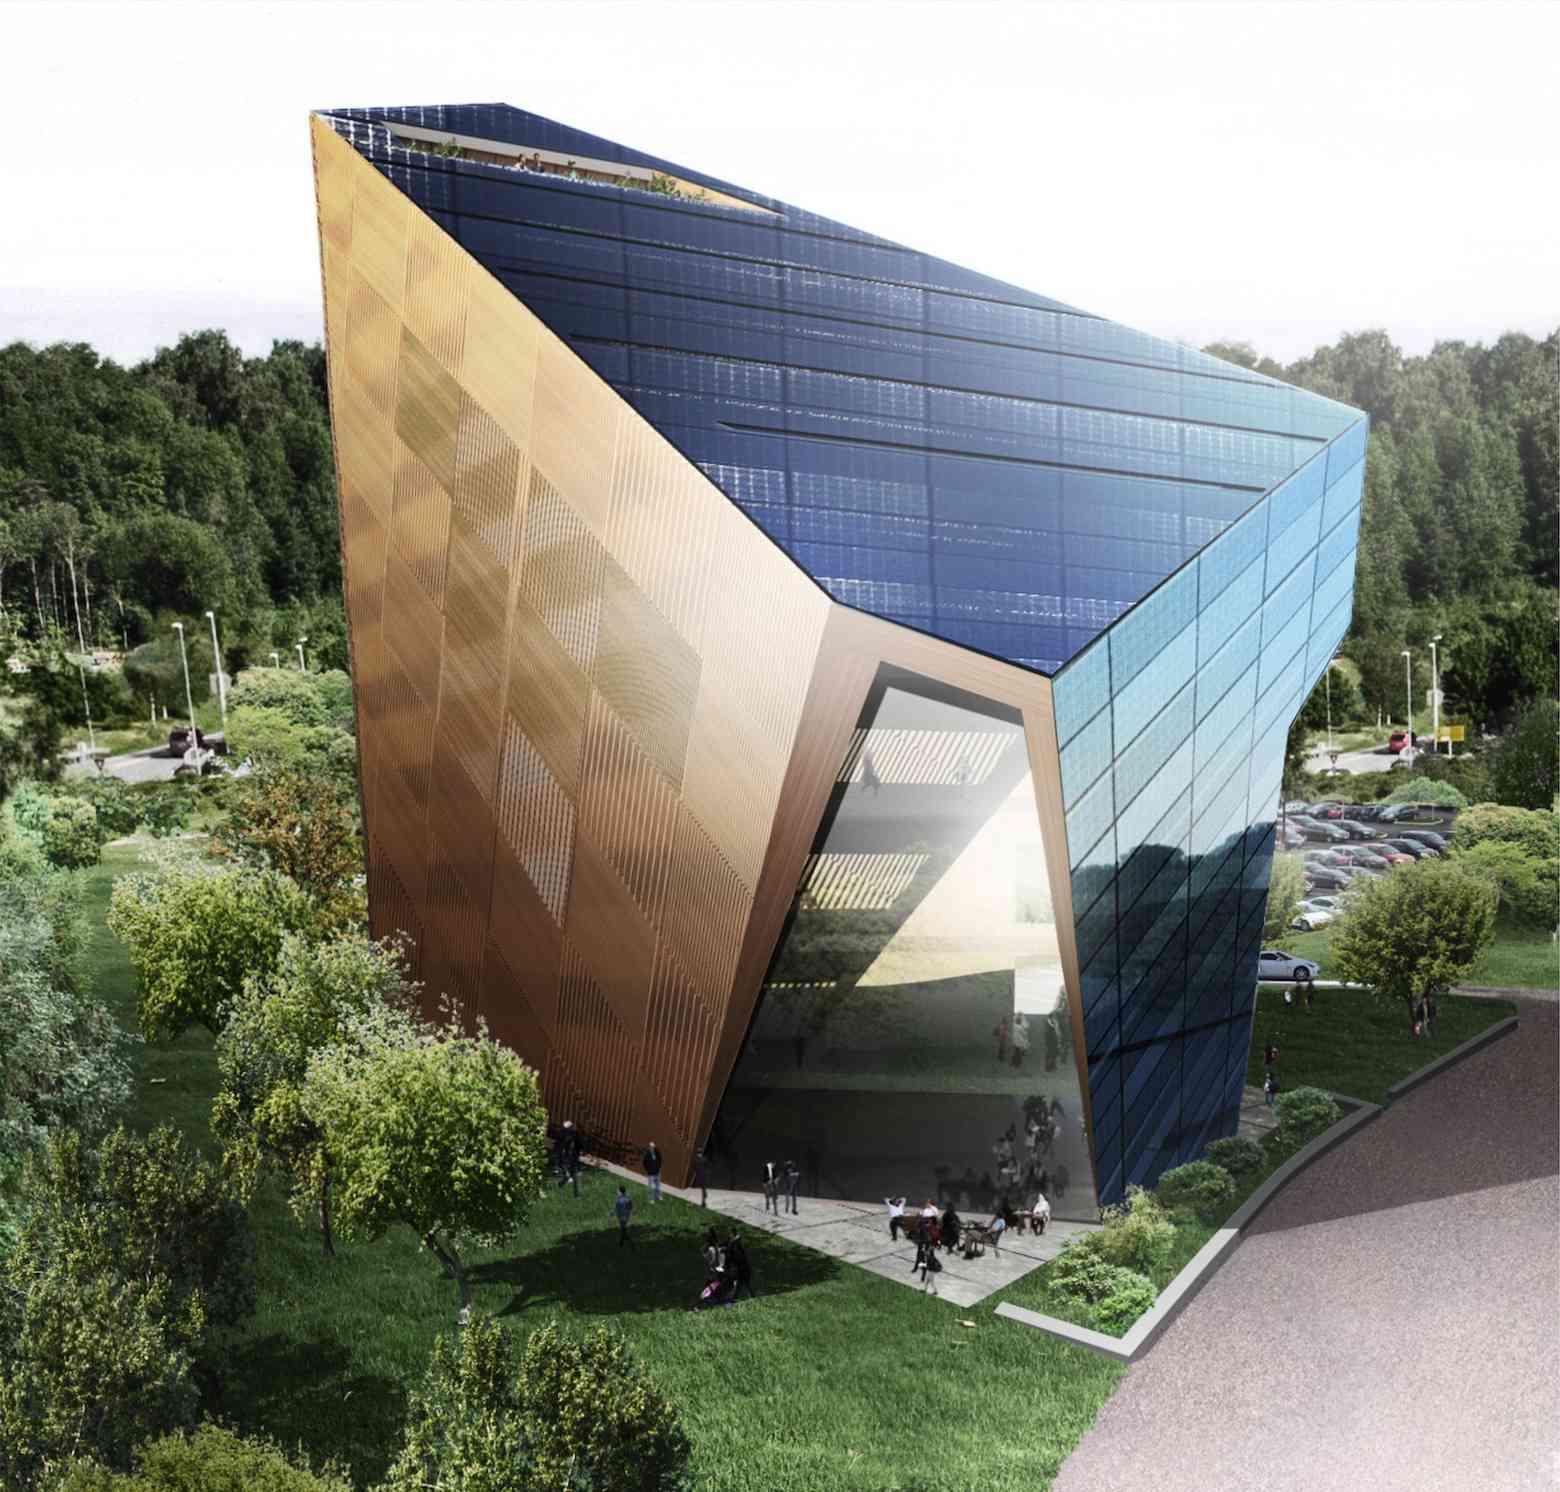 rendering of building in context